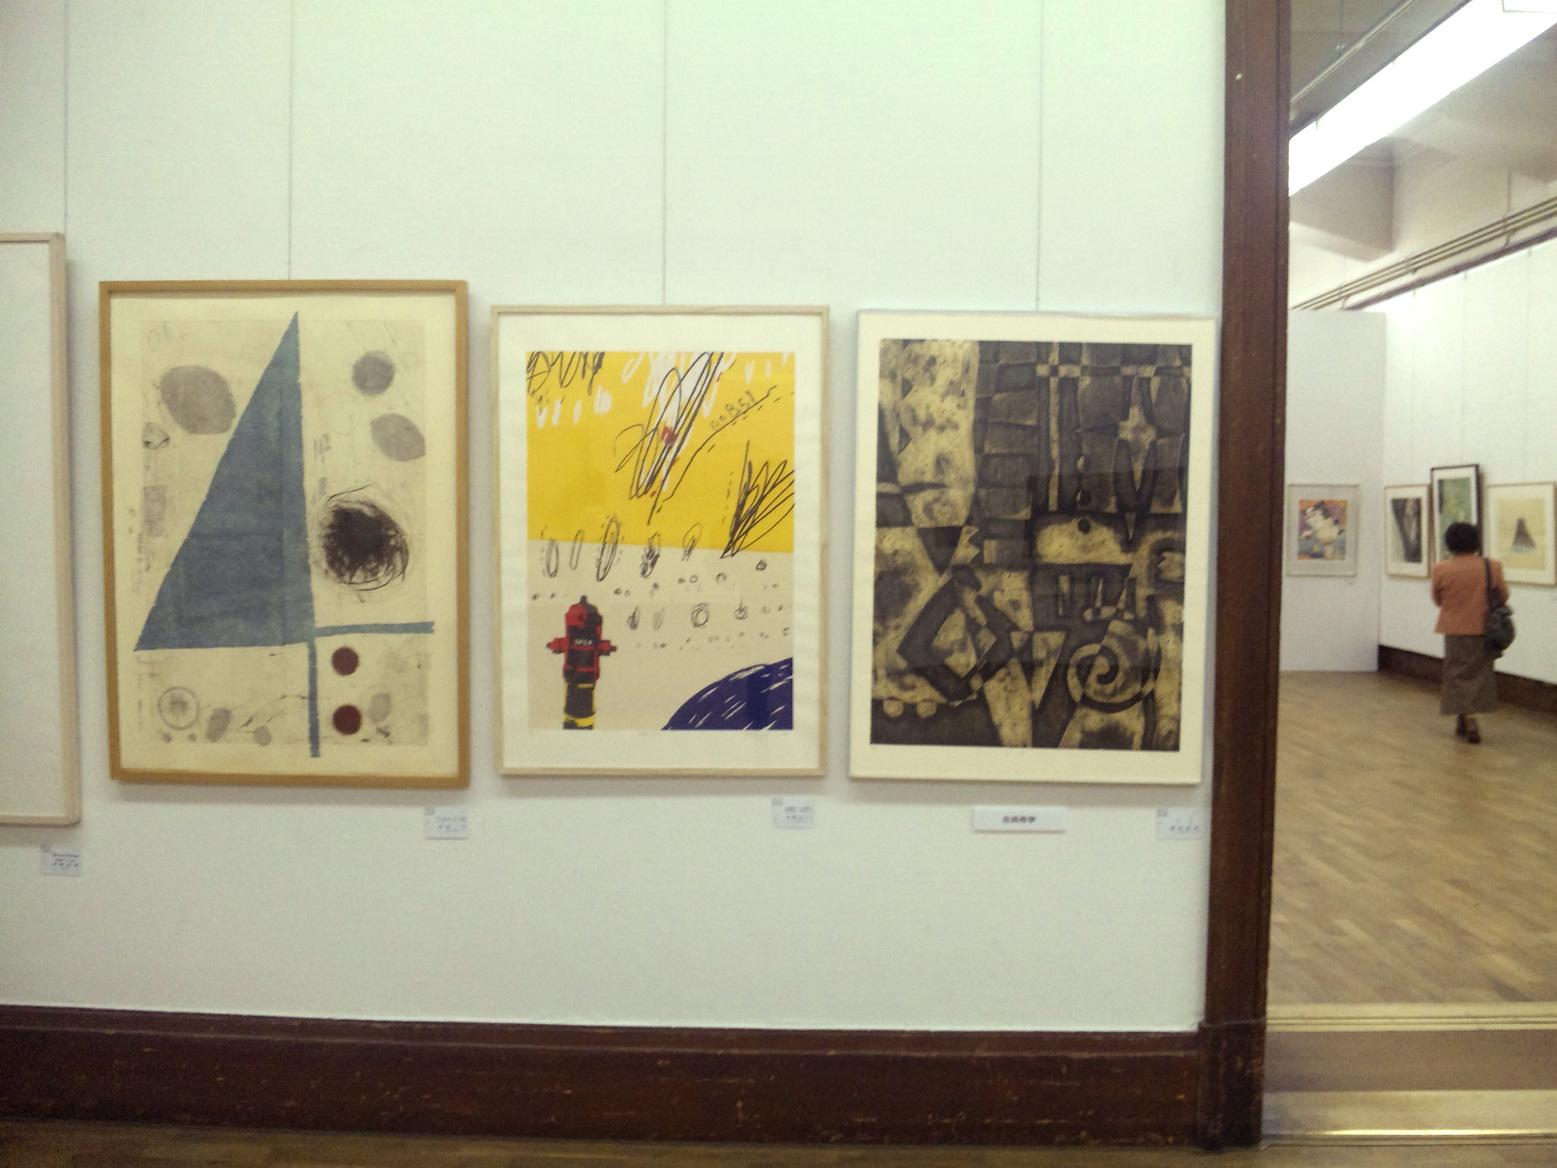 トンネルを抜けるとそこは「版画展」京都市美術館_b0182223_1836531.jpg